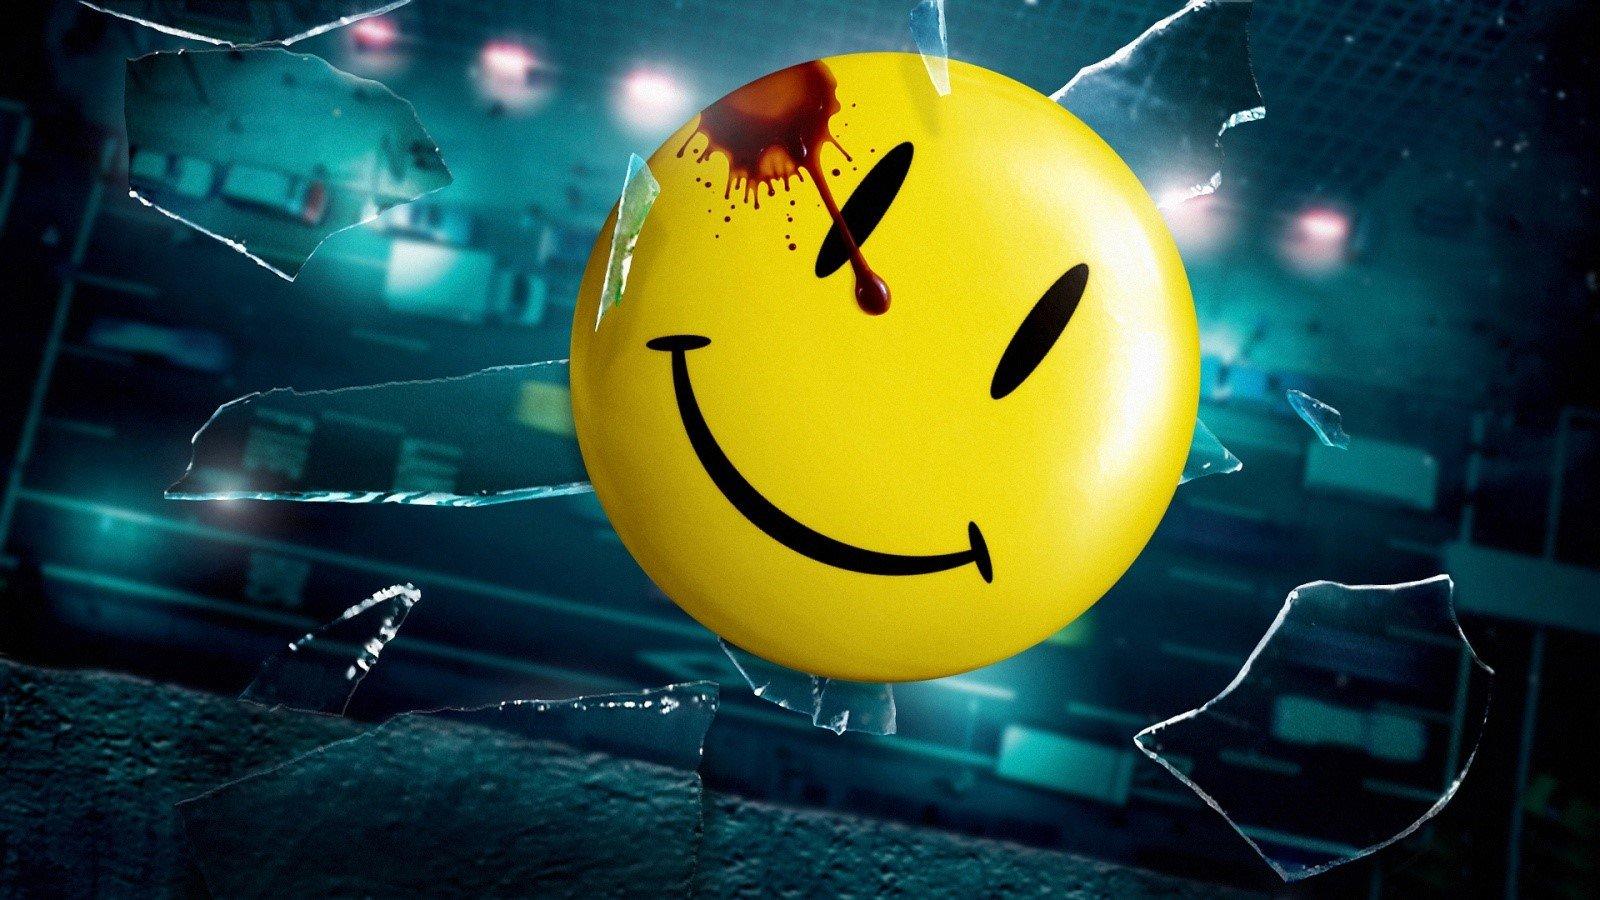 Wallpaper Watchmen smiley